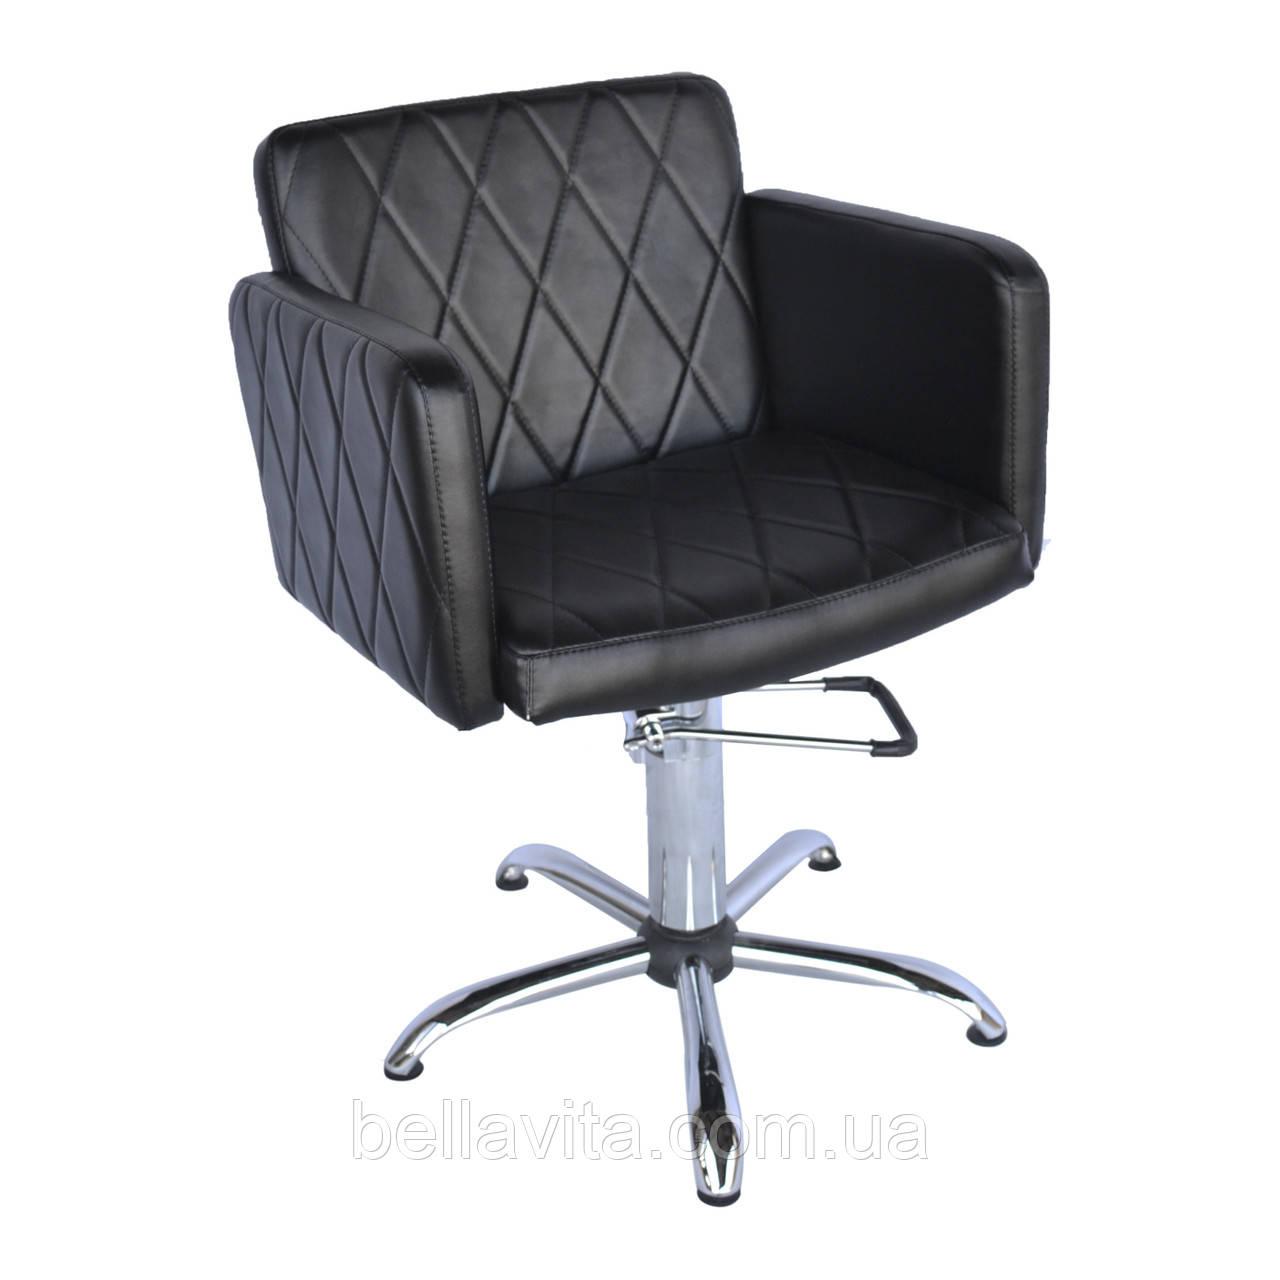 Парикмахерское кресло Валентио Люкс